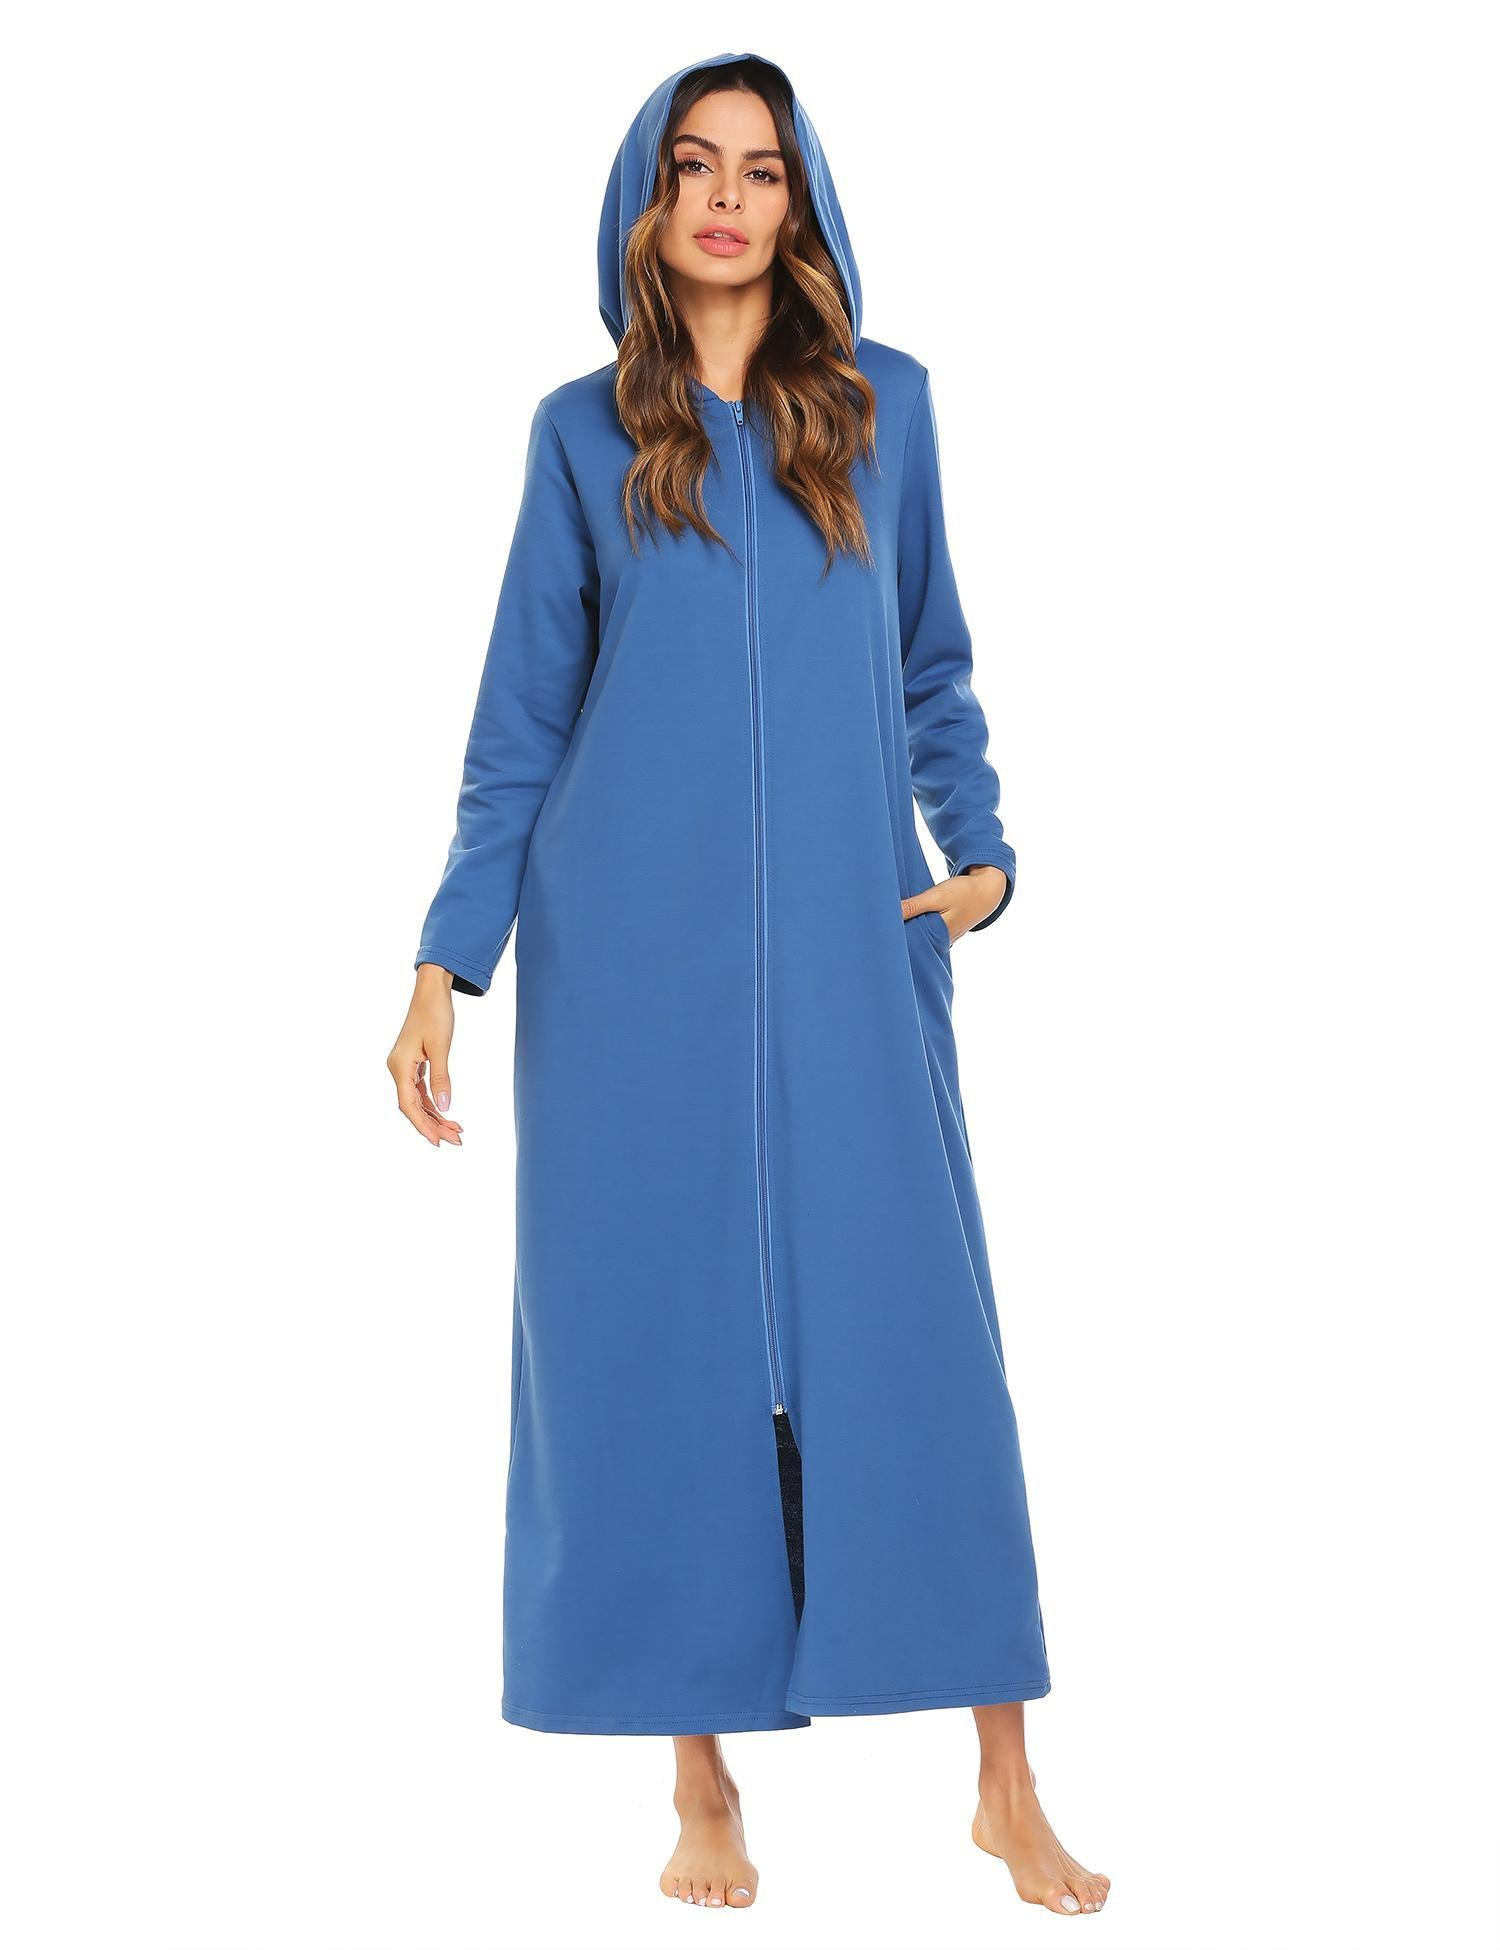 Jingjing1 Women Long Sleeve Hoodie Sleepwear Zip-Front A-line Bathrobe Long Robe (Large, Blue)